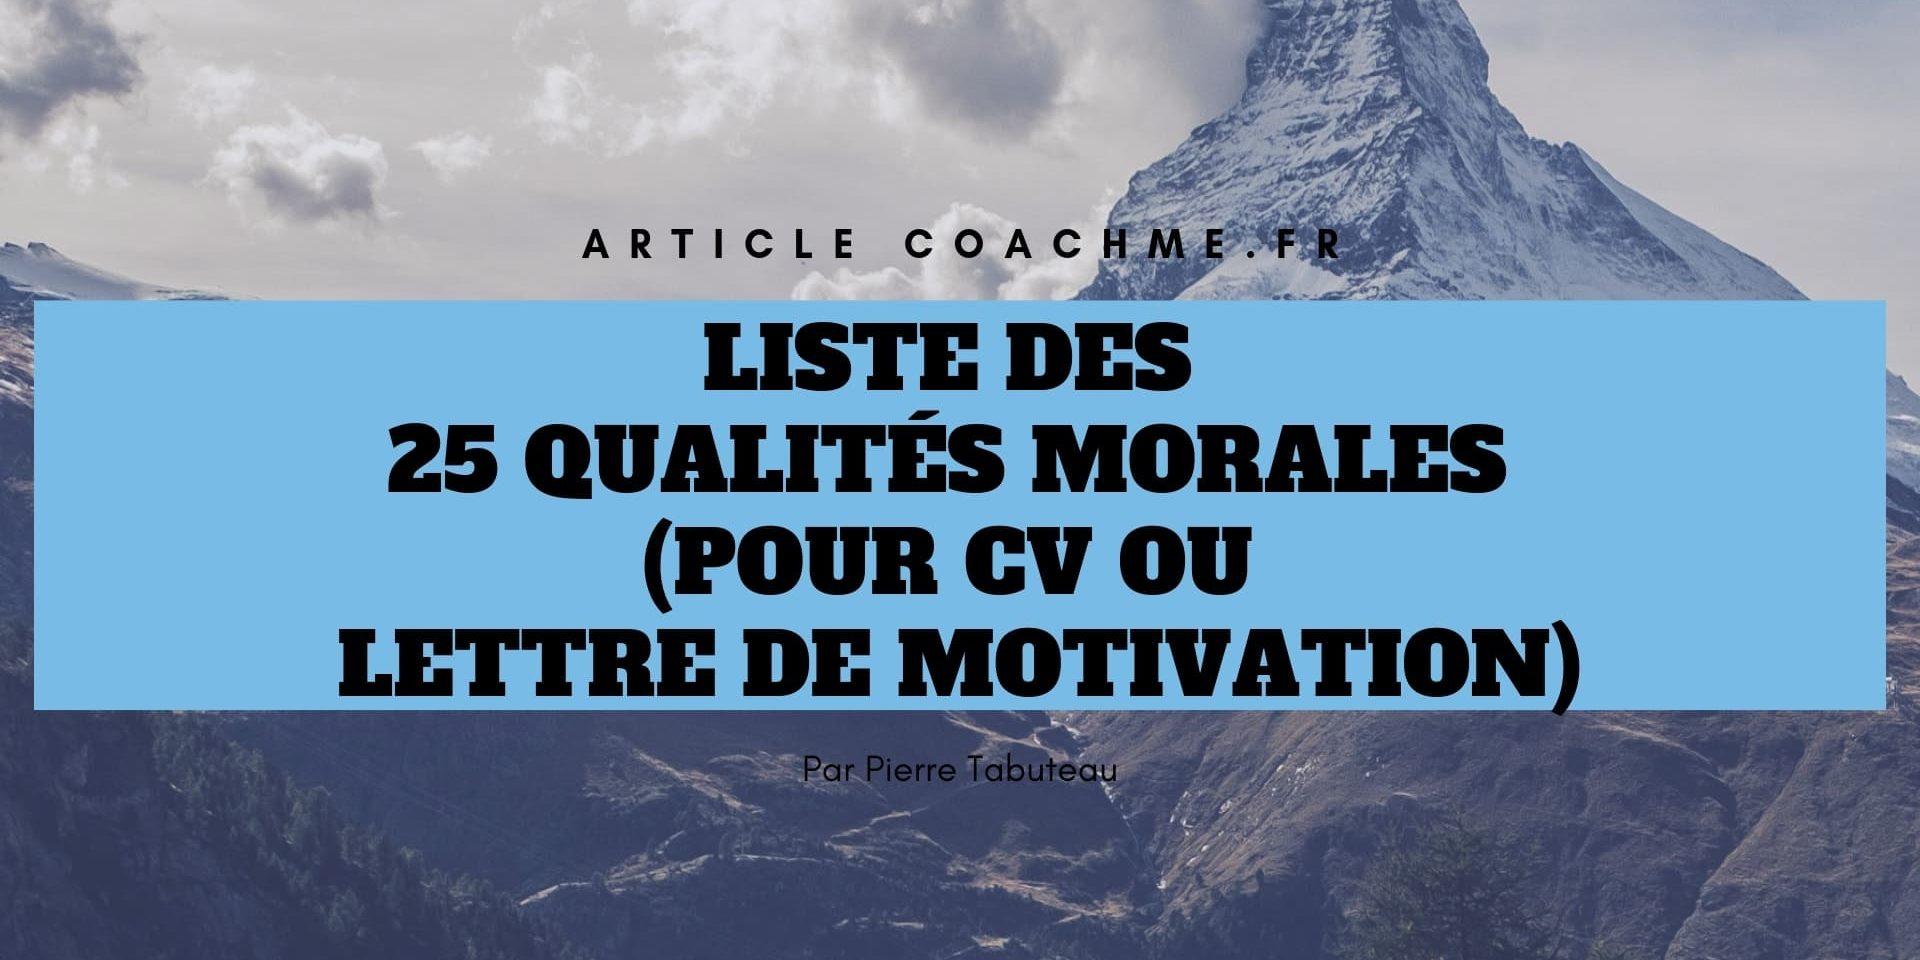 liste des 25 qualit u00e9s morales  pour cv ou lettre de